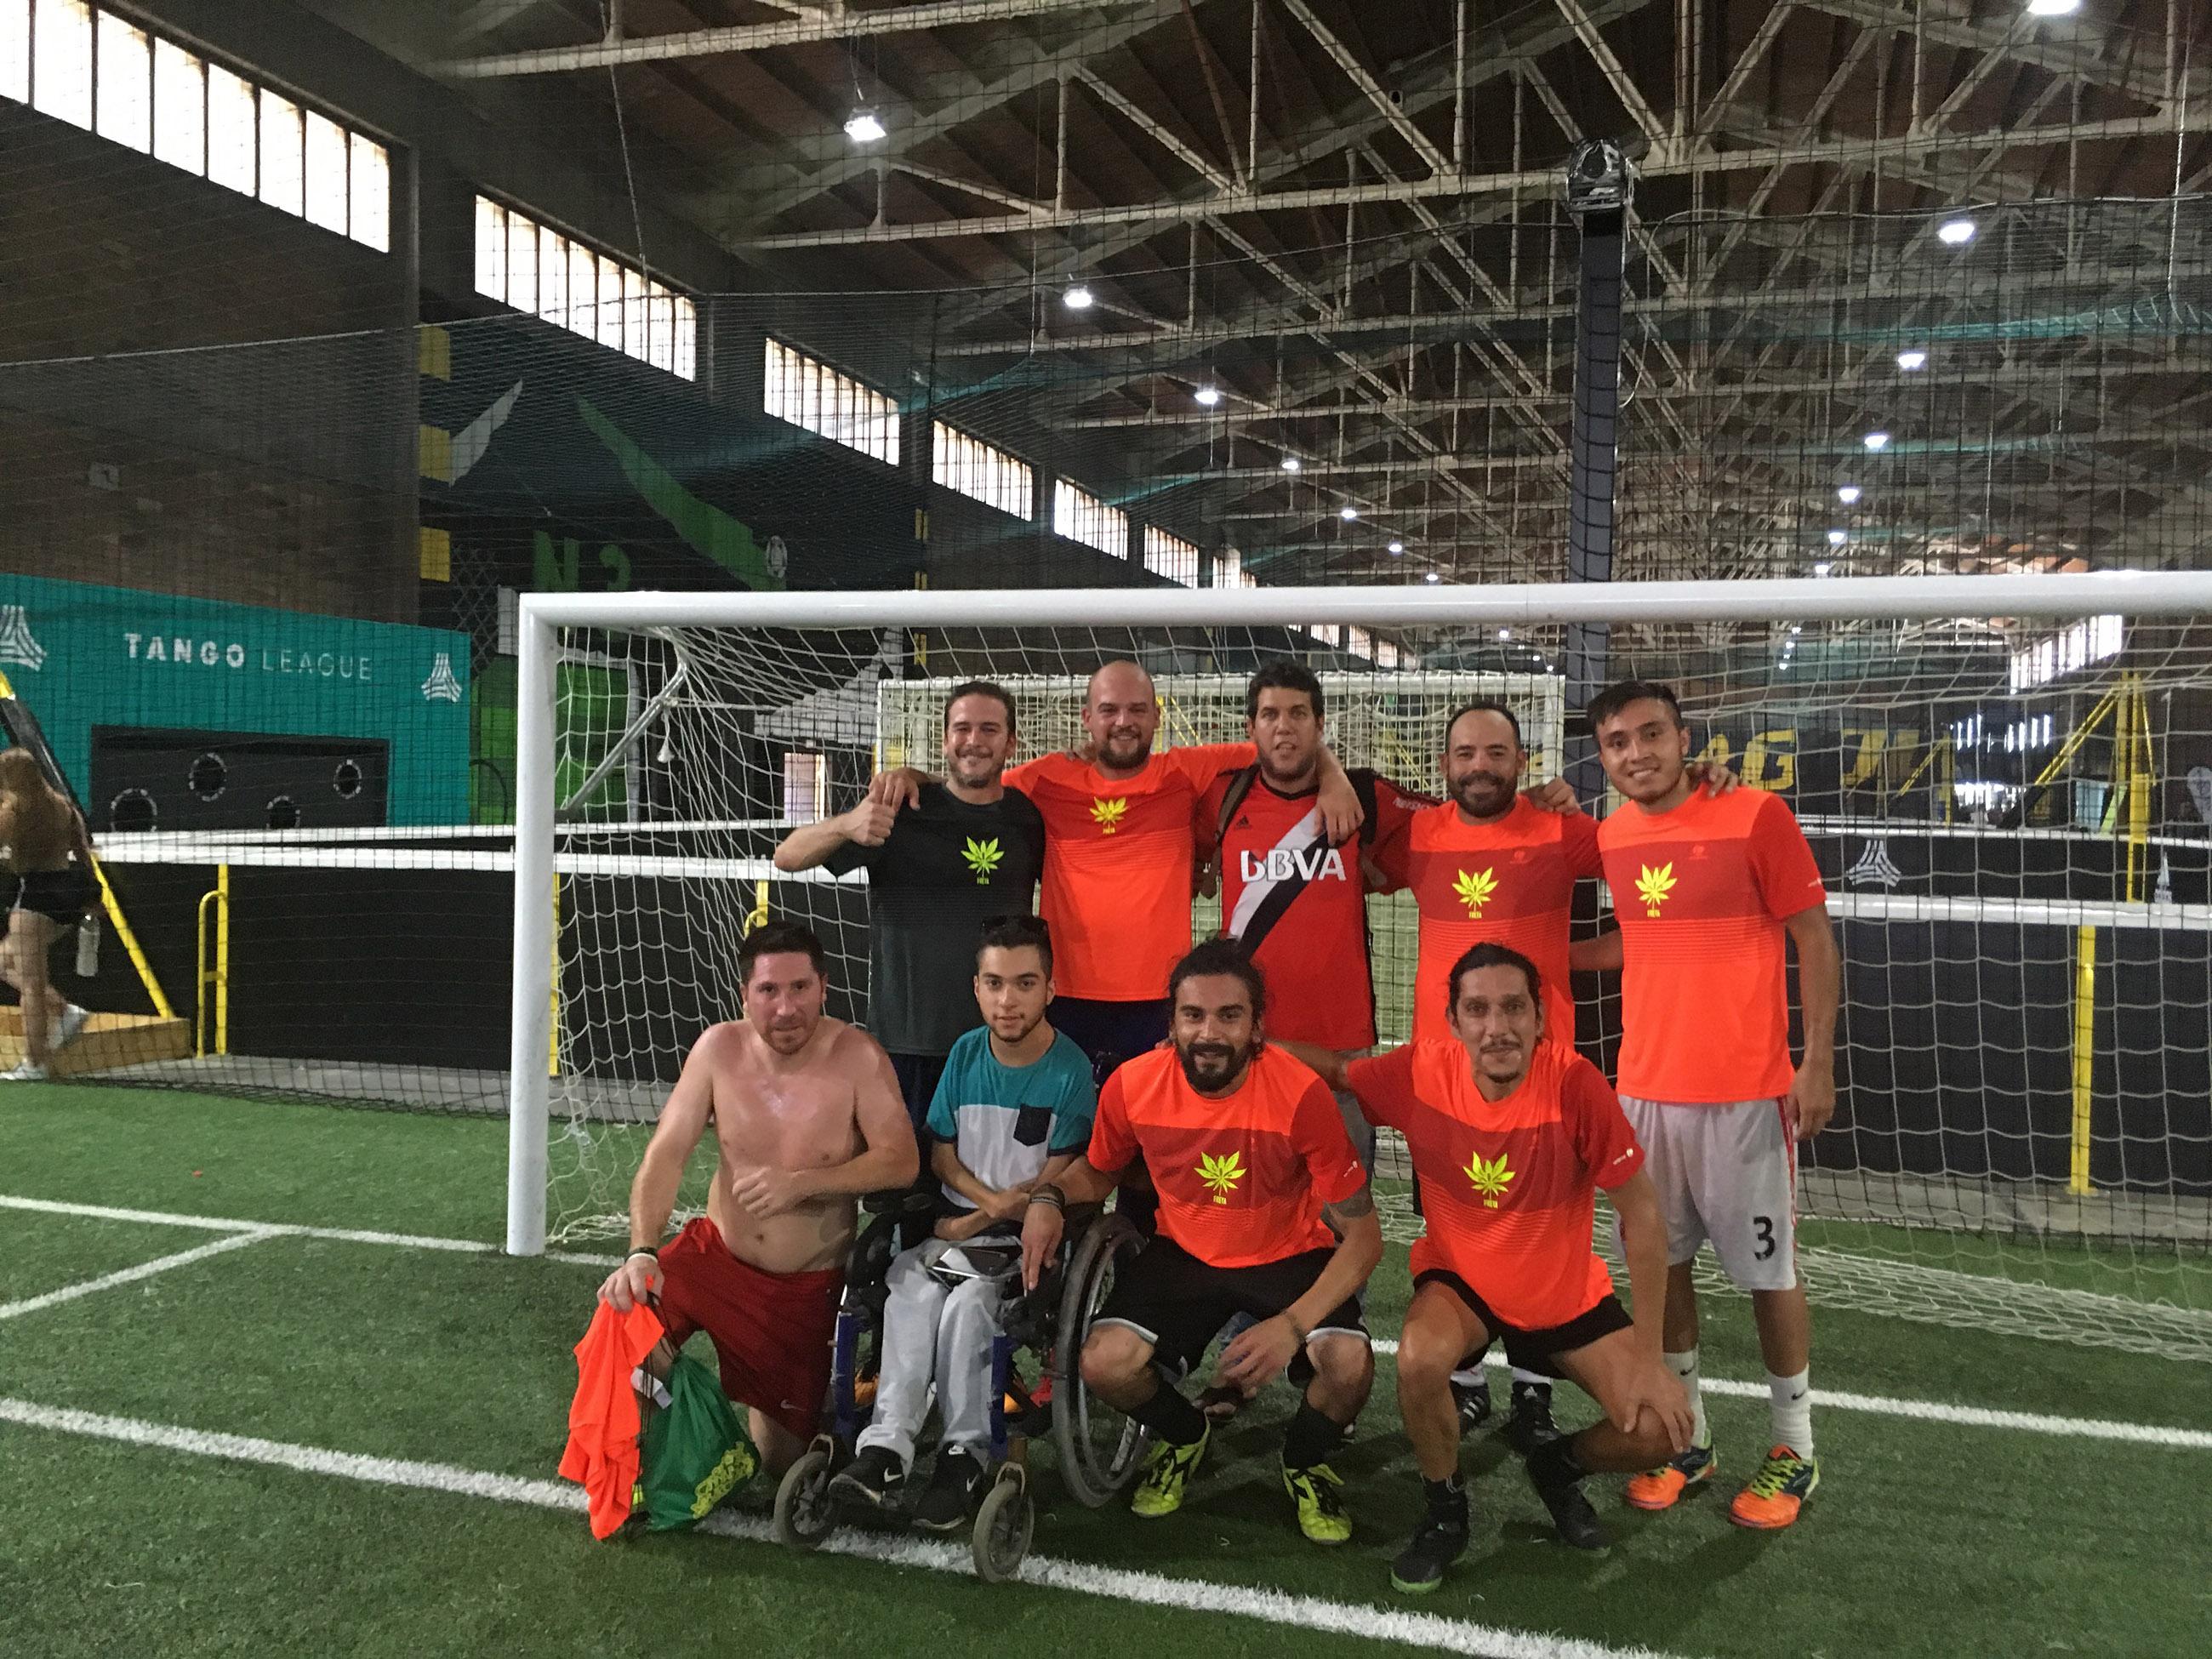 Photographie de l'équipe de foot du club cannabique espagnol de Freya. On y voit 7 hommes en maillot orange devant la cage de but d'un terrain de foot en salle.